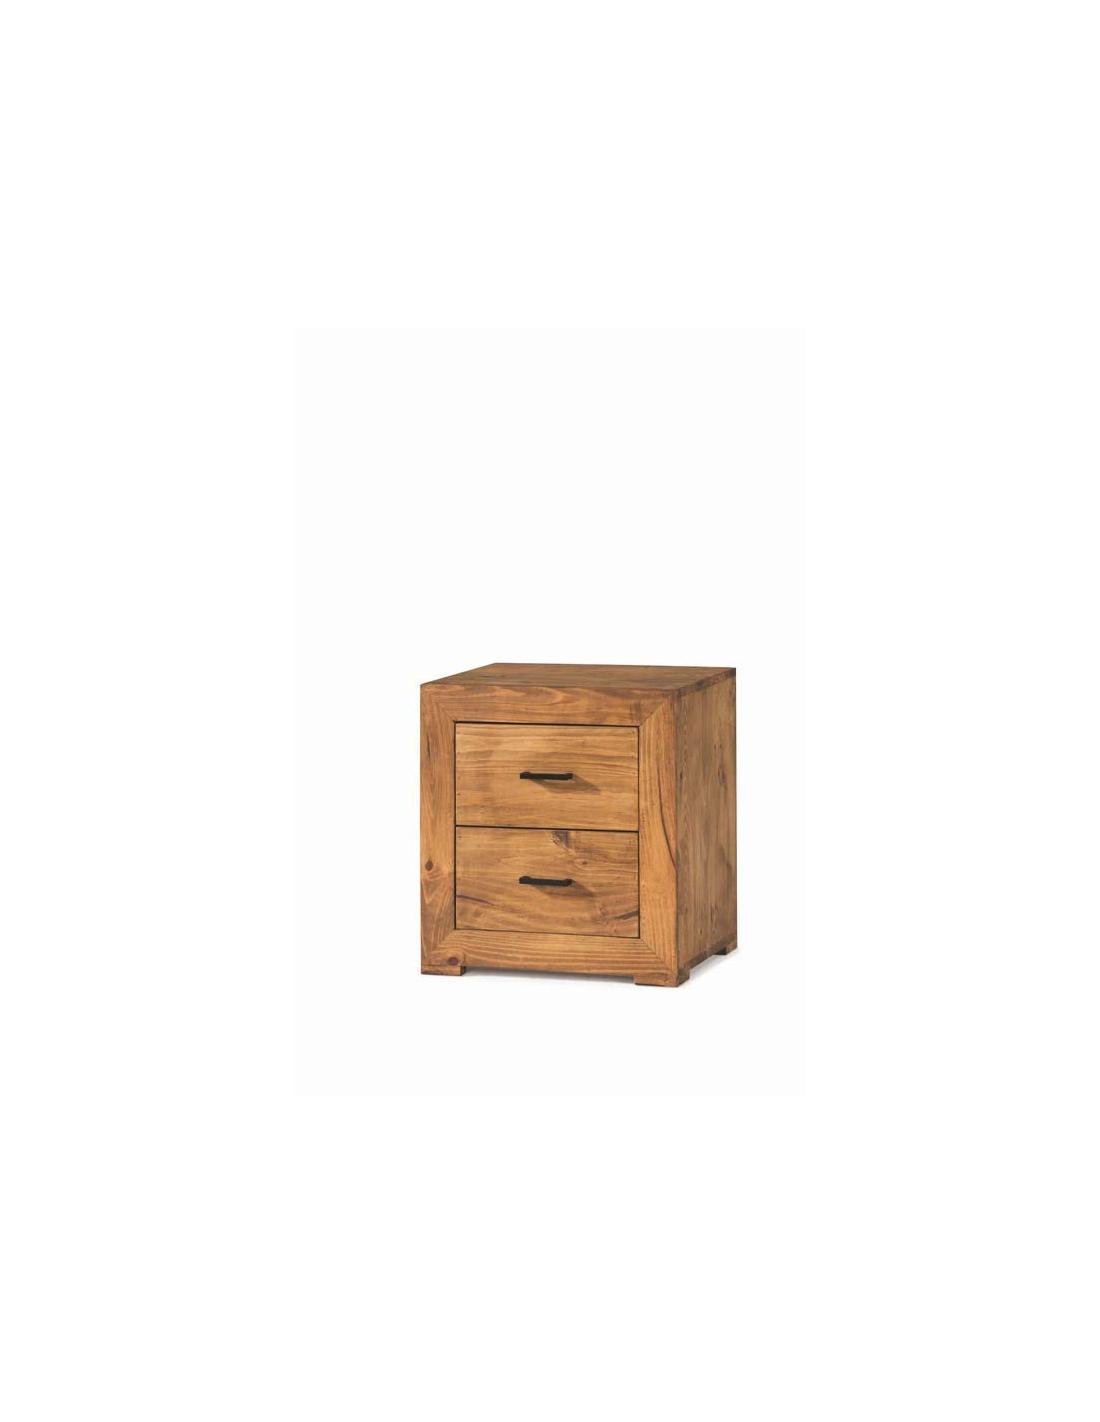 Comprar mesita noche rustica madera zoom - Mesitas de noche rusticas ...